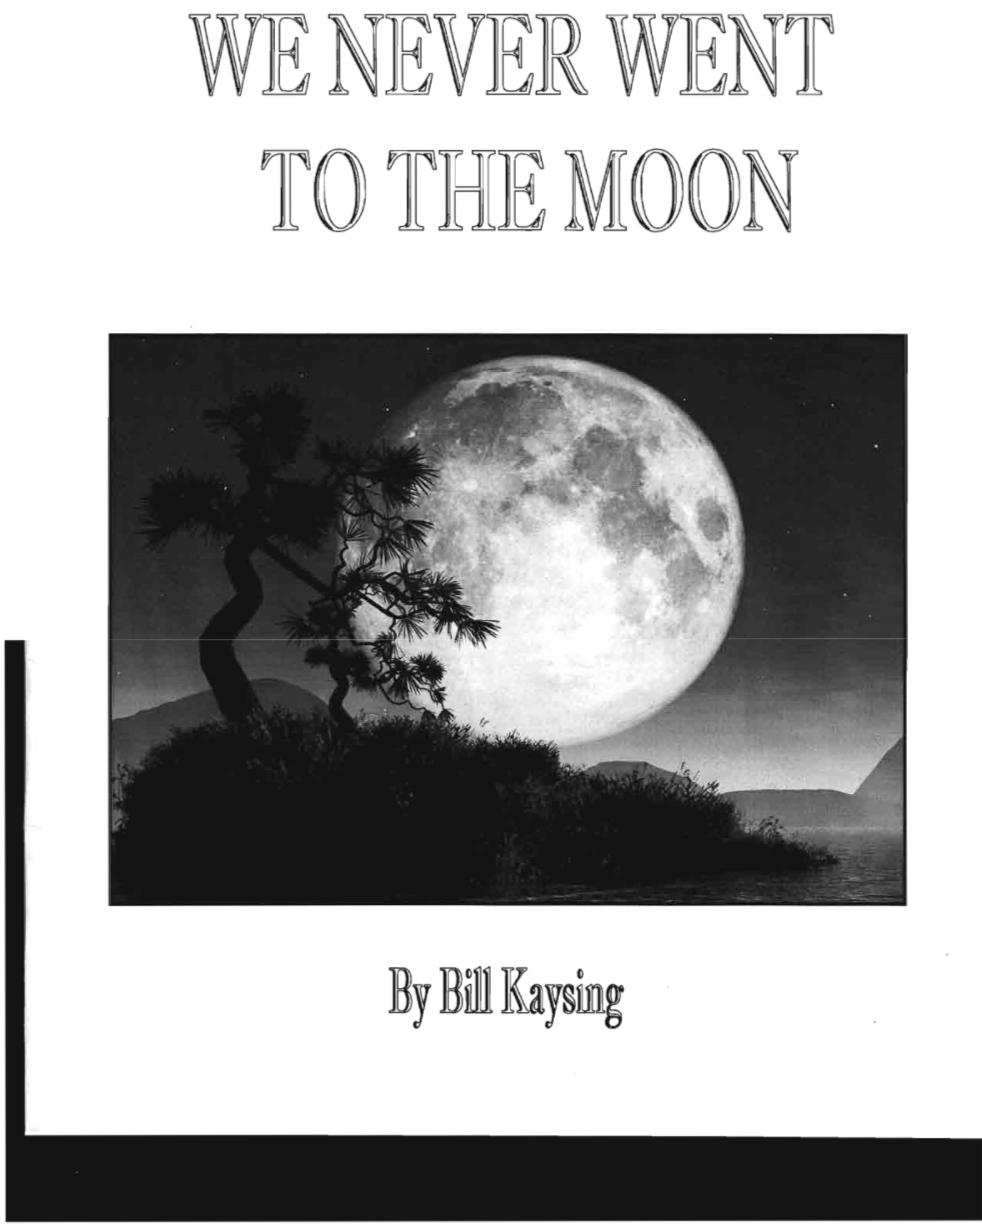 50 年前,我们到底有没有登上月球?